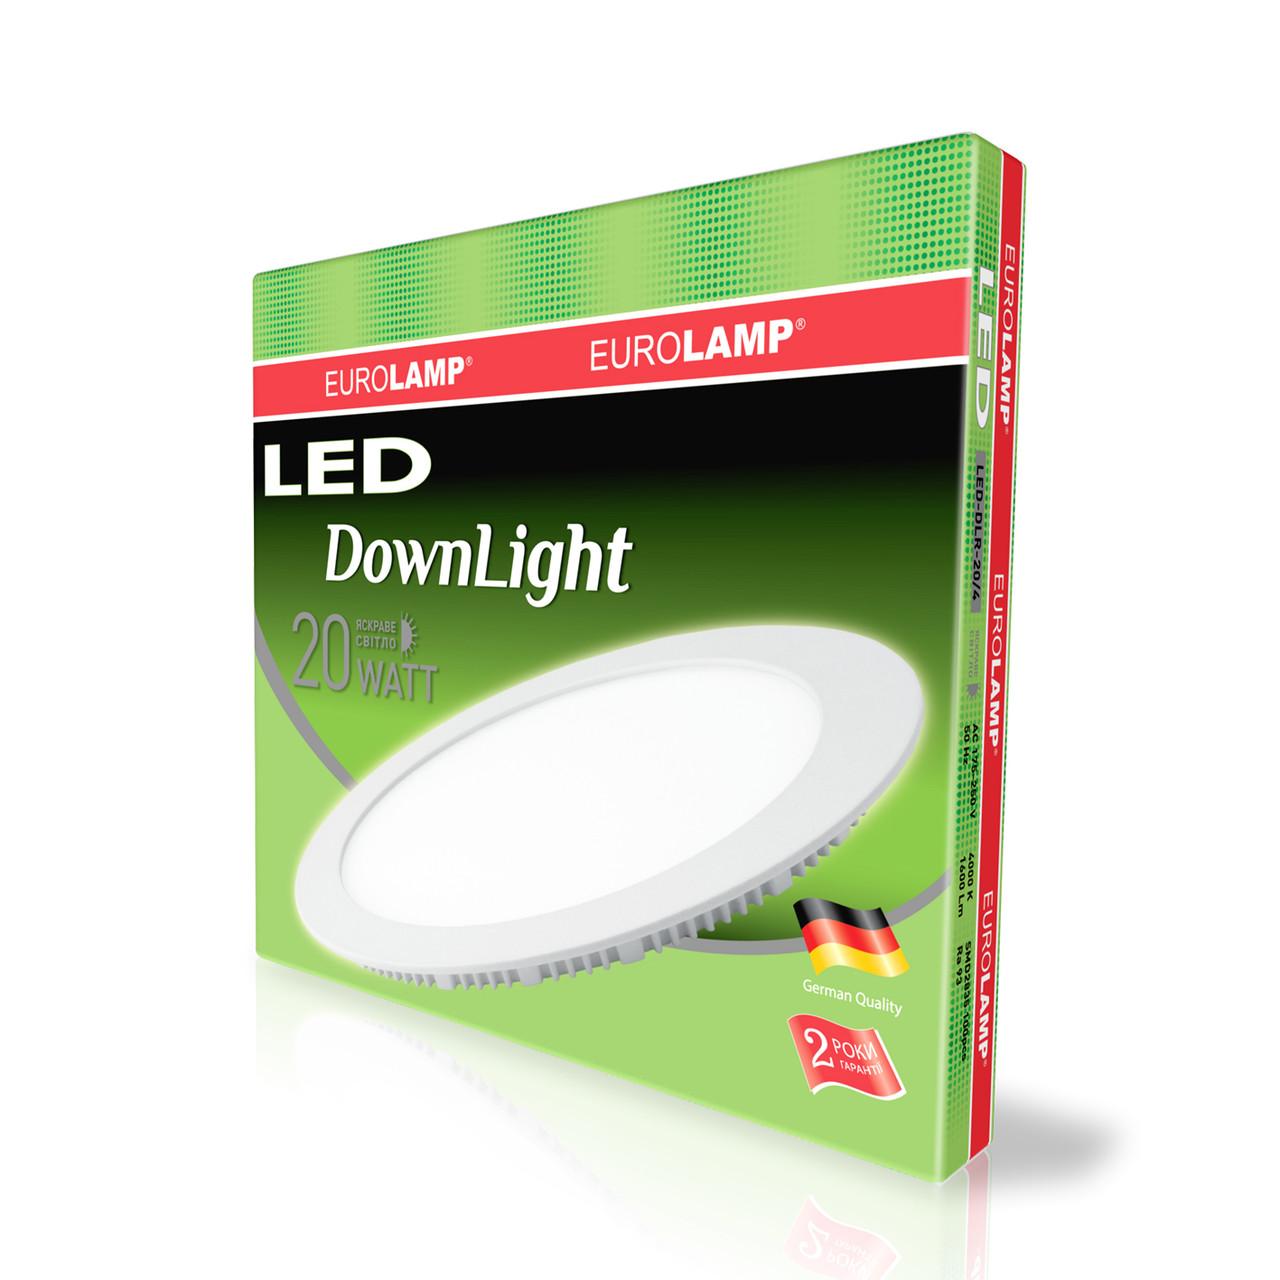 EUROLAMP LED Светильник круглый Downlight 20W 4000K 220V